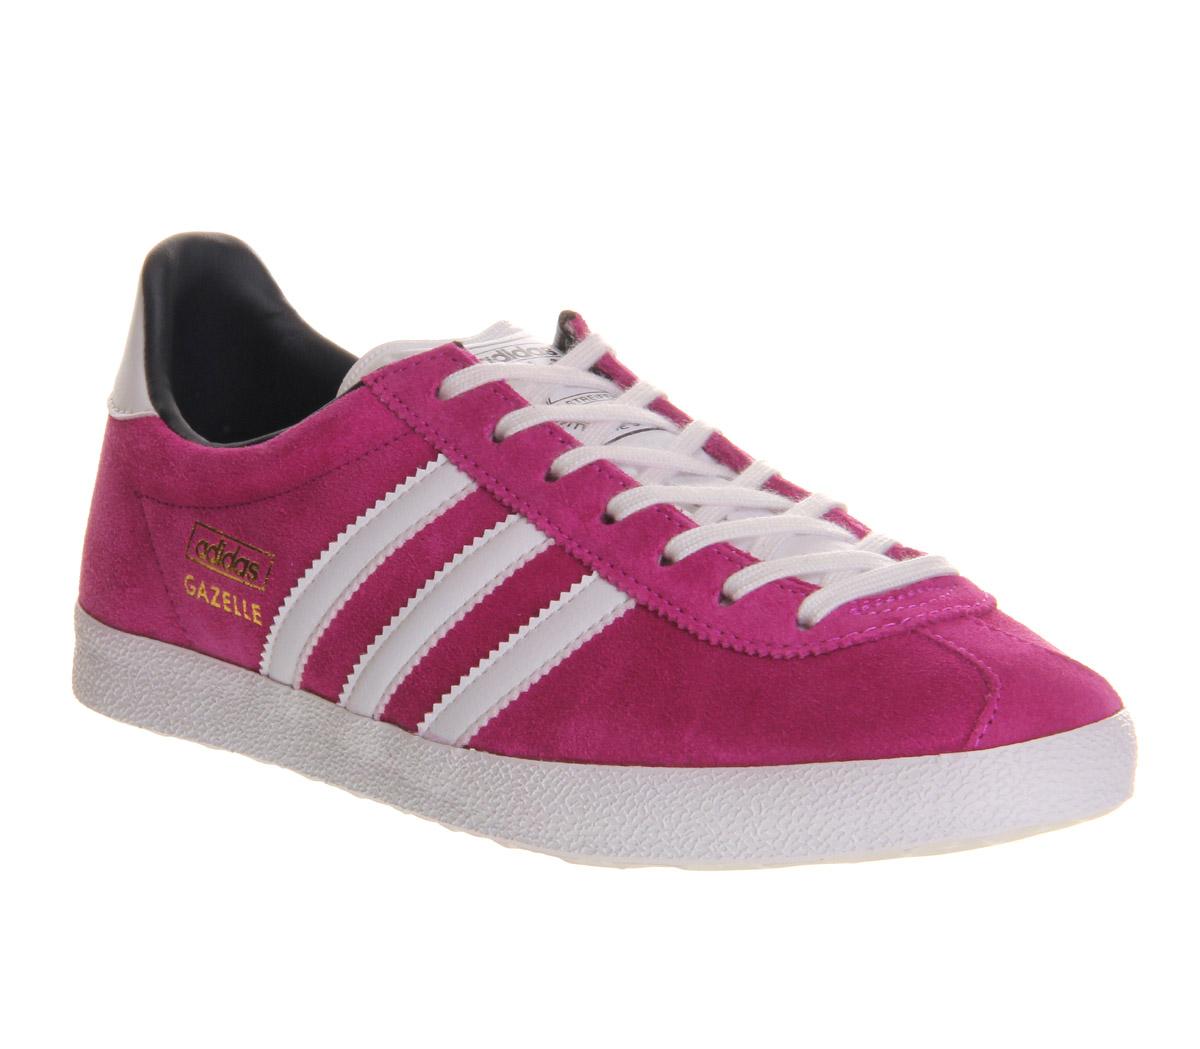 adidas Gazelle Og W in Pink - Lyst